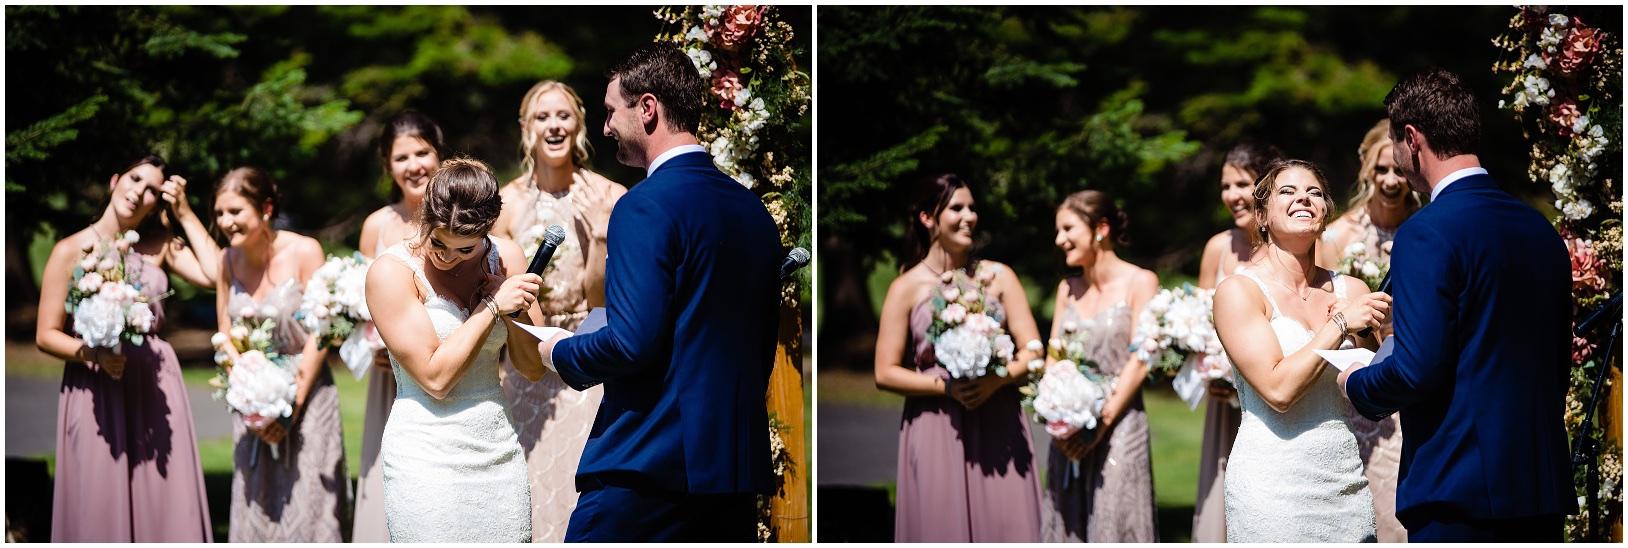 lindseyjanephotography_wedding0021.jpg